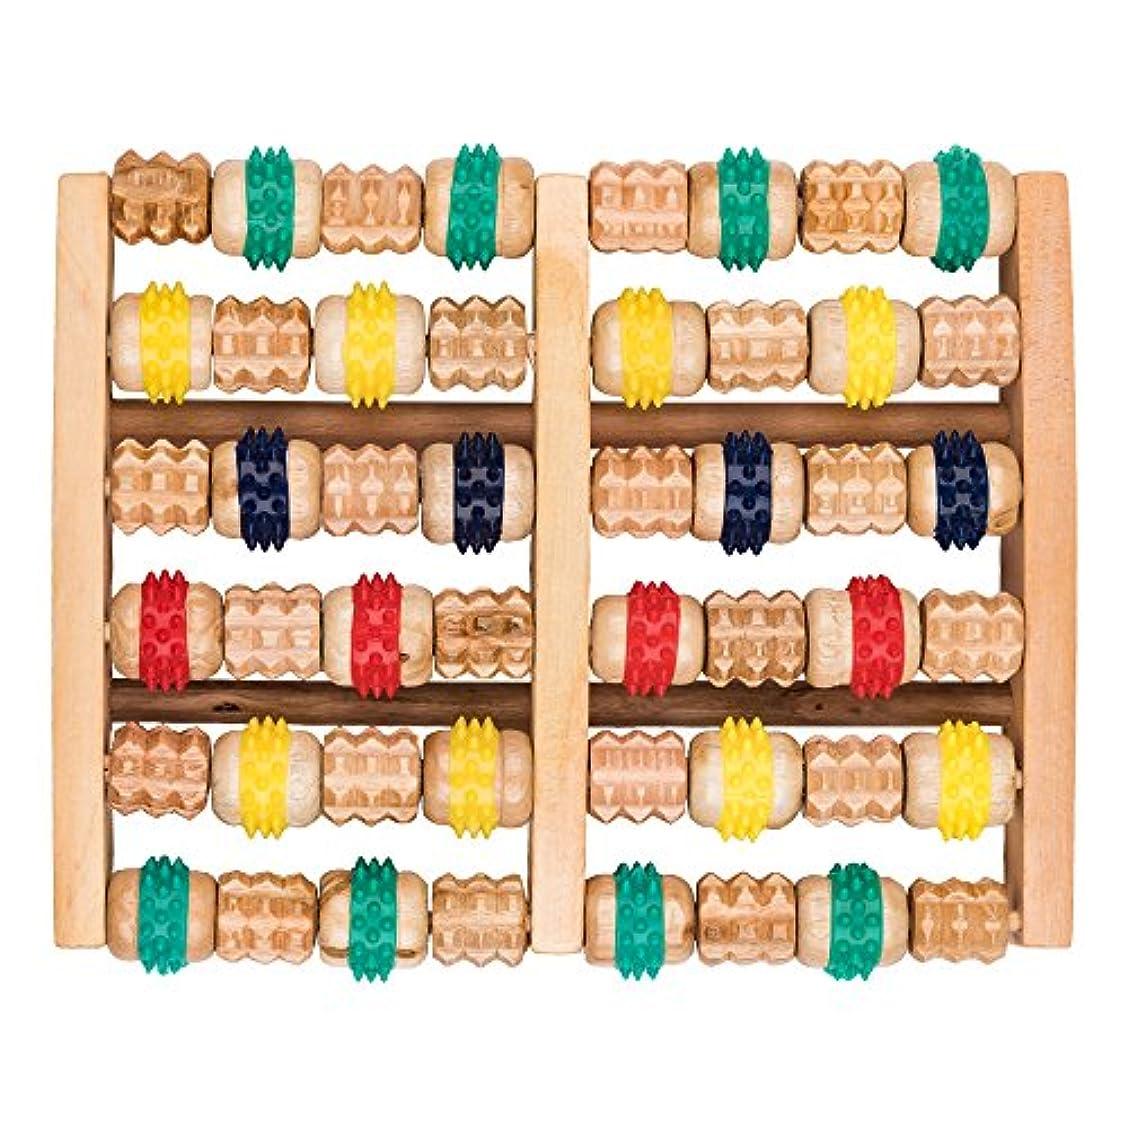 アジャ通り抜ける解き明かす竹マッサージャー 足底ポイントマッサージャー 天然木製カラー 6列足底マッサージャー フットミニマッサージャー 家庭用木製フットバスマッサージャー